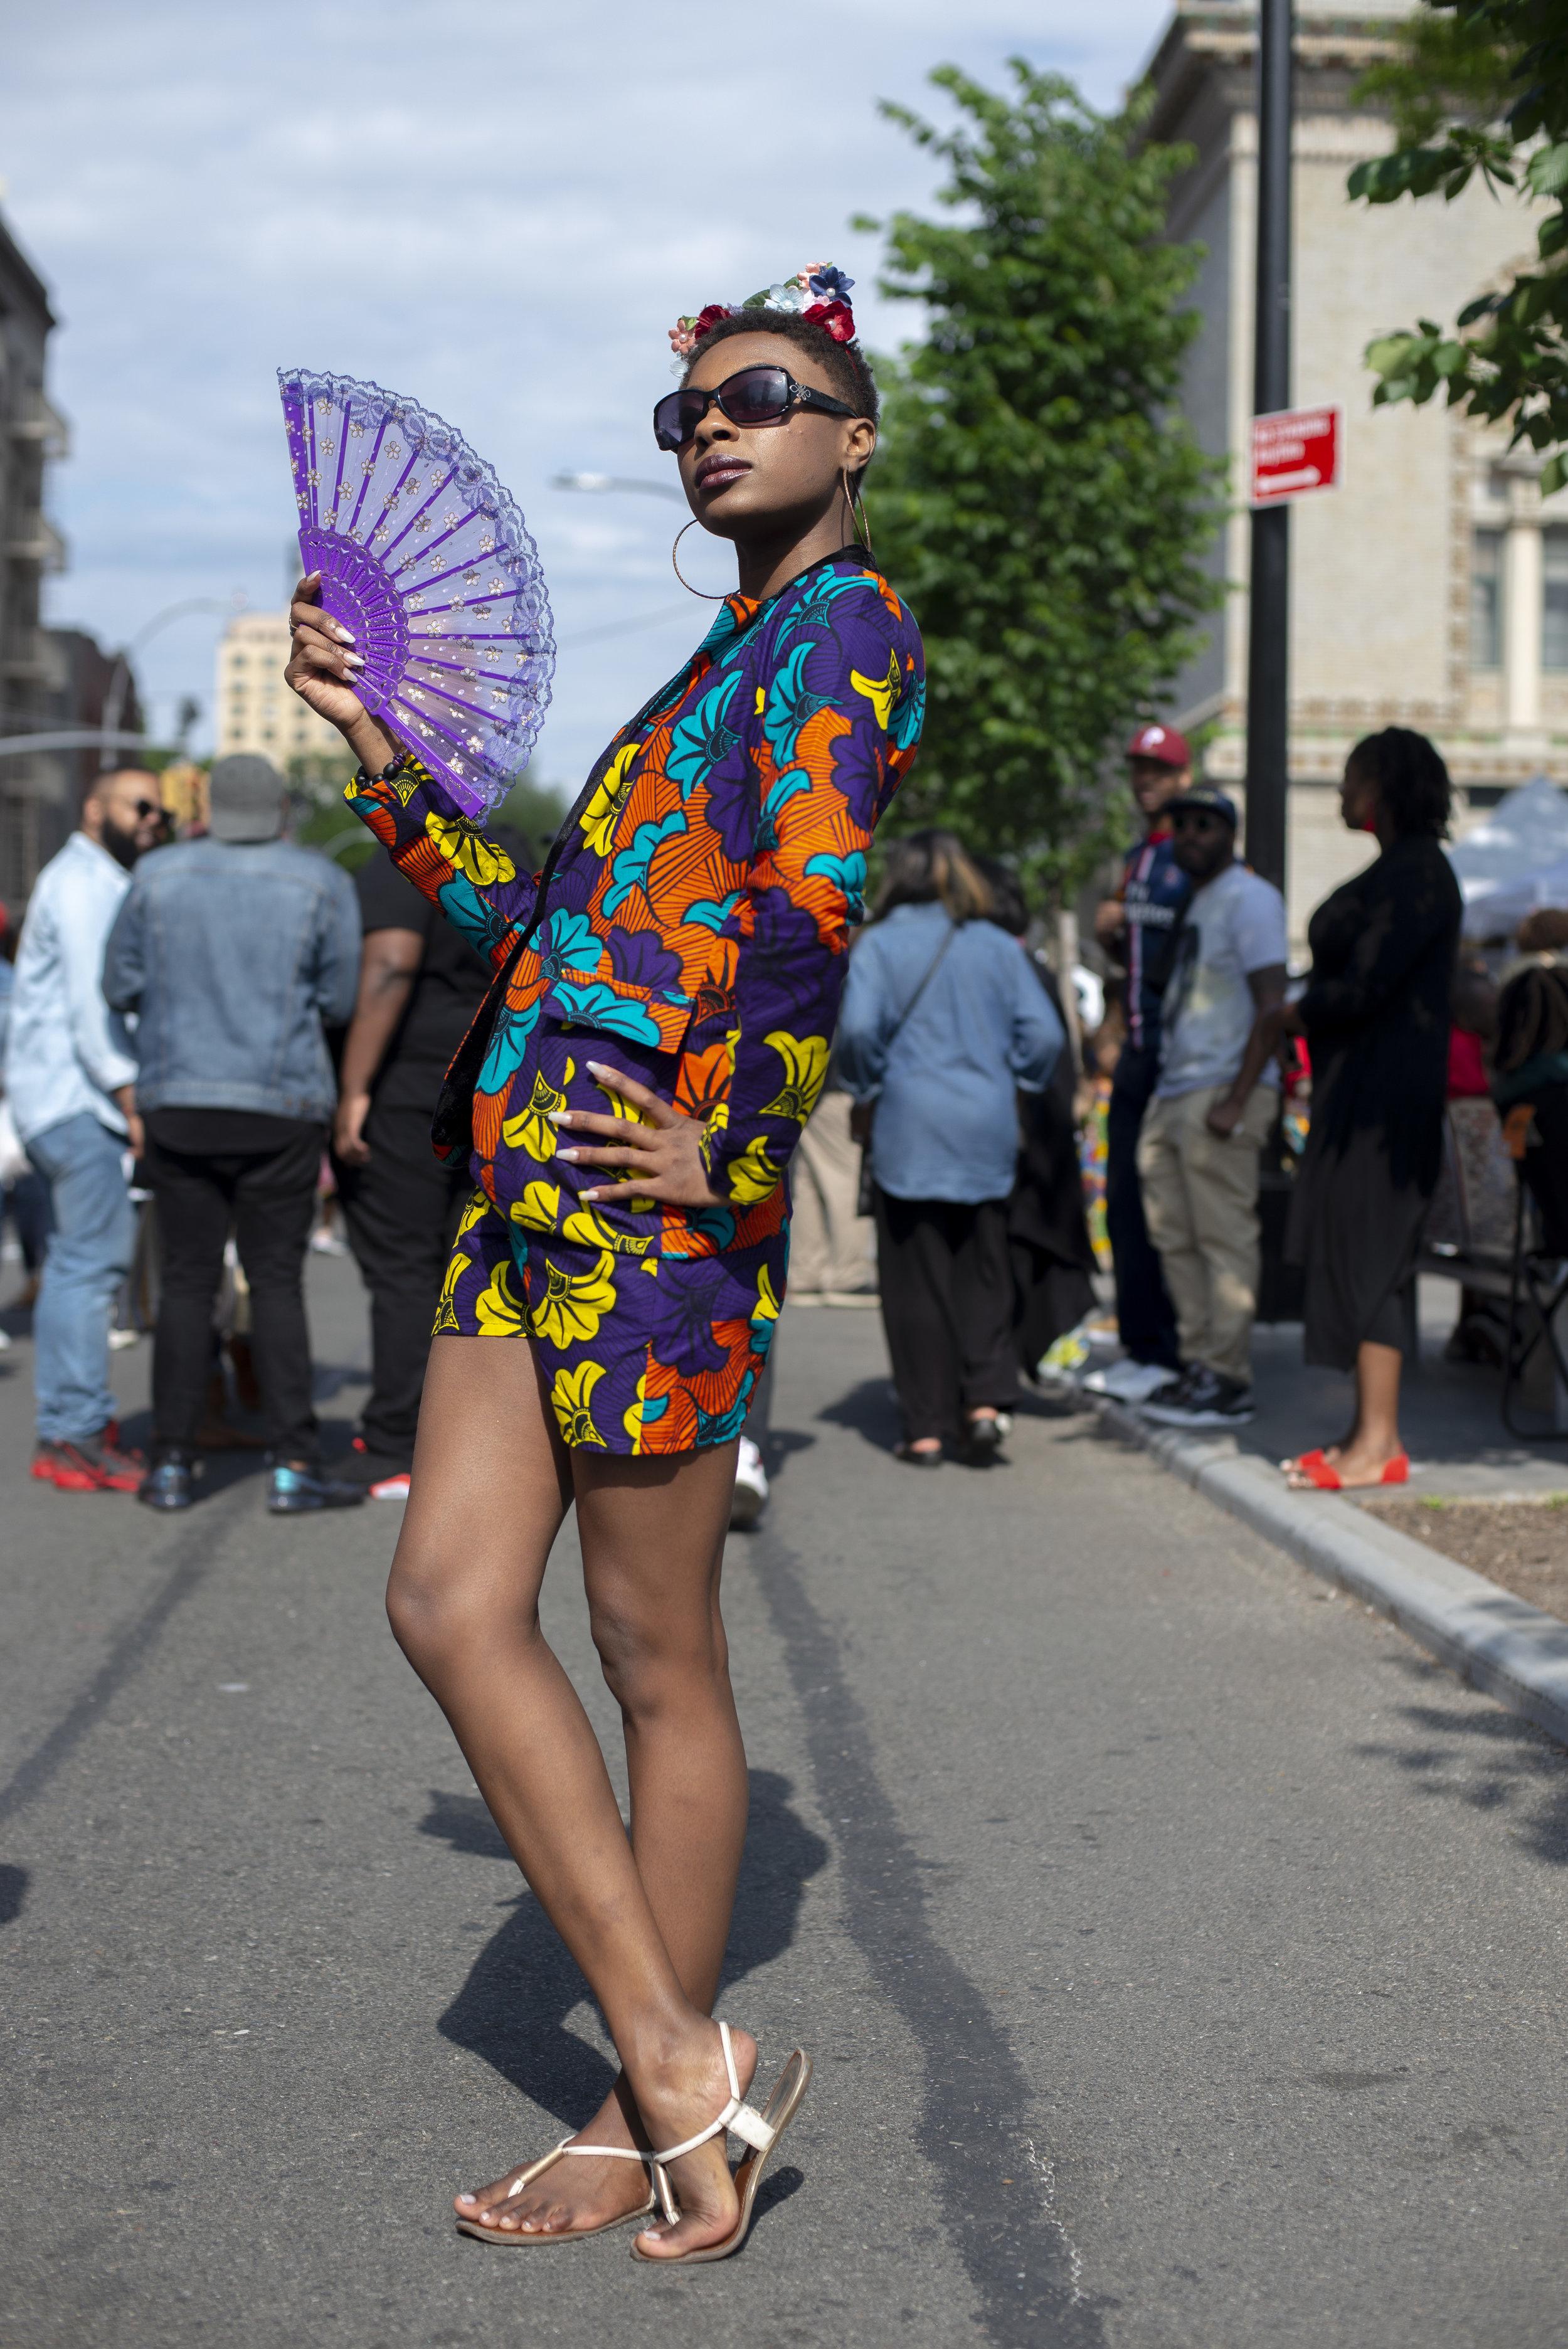 DanceAfrica2019_35.jpg